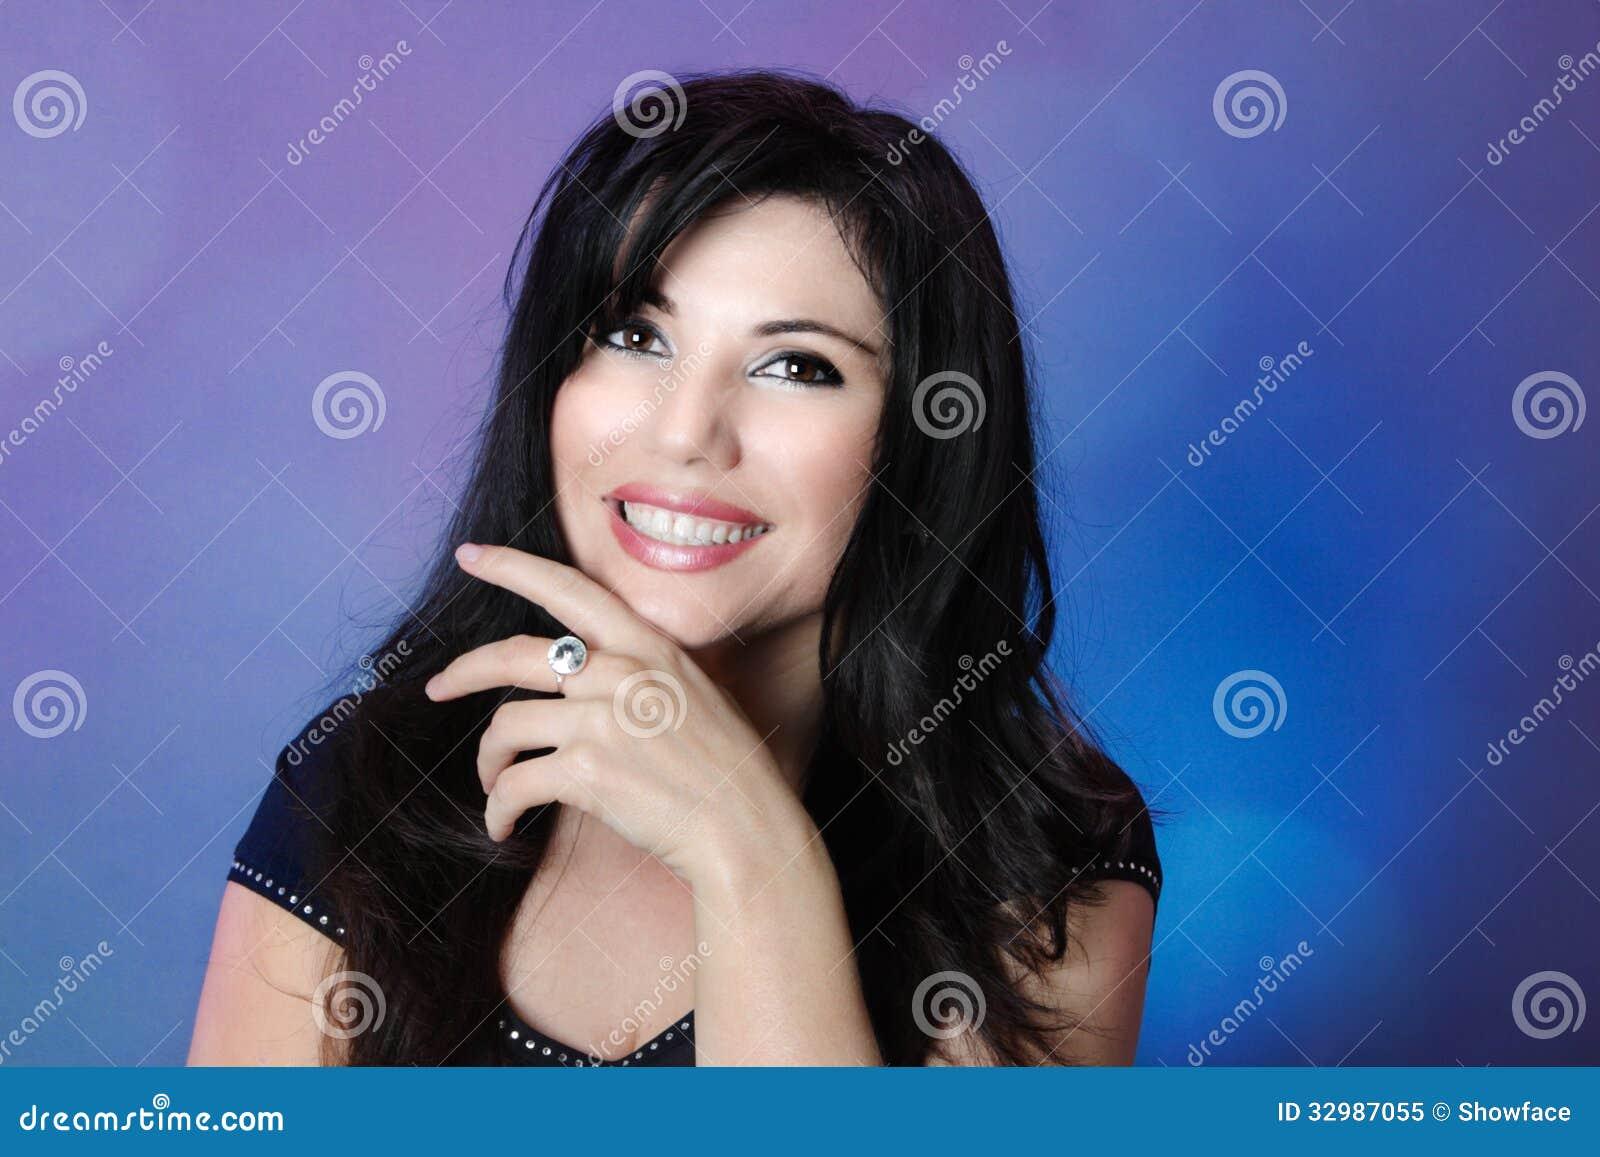 Mooie vrouw met glanzend zwart haar en grote gelukkige glimlach